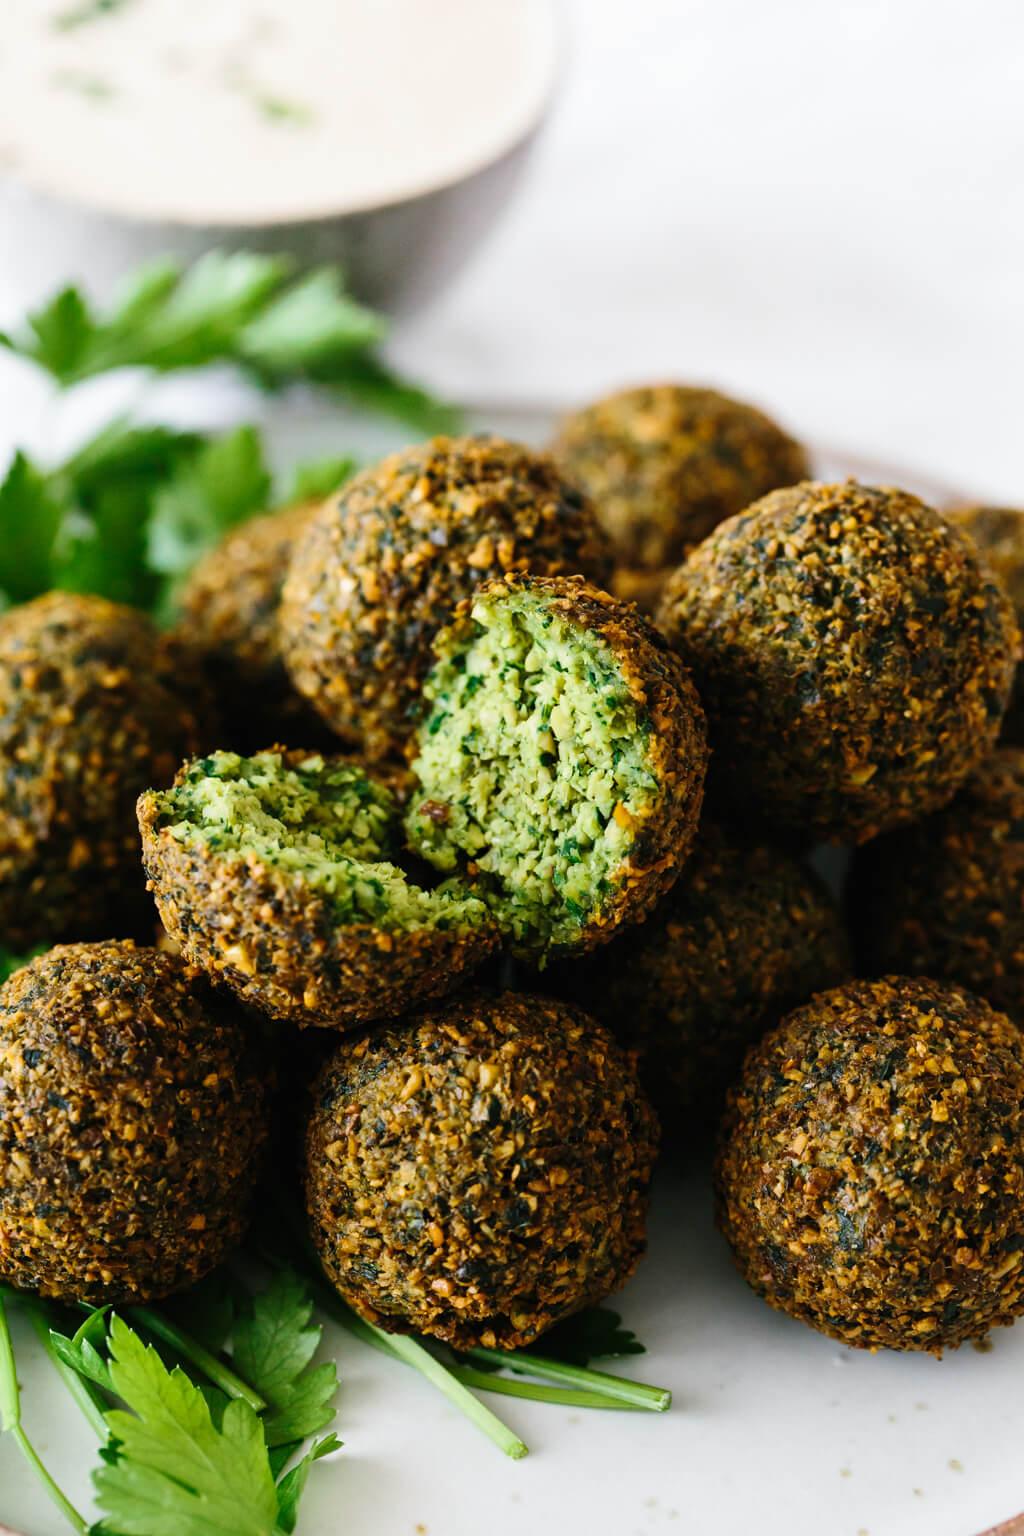 A plate of falafel balls.